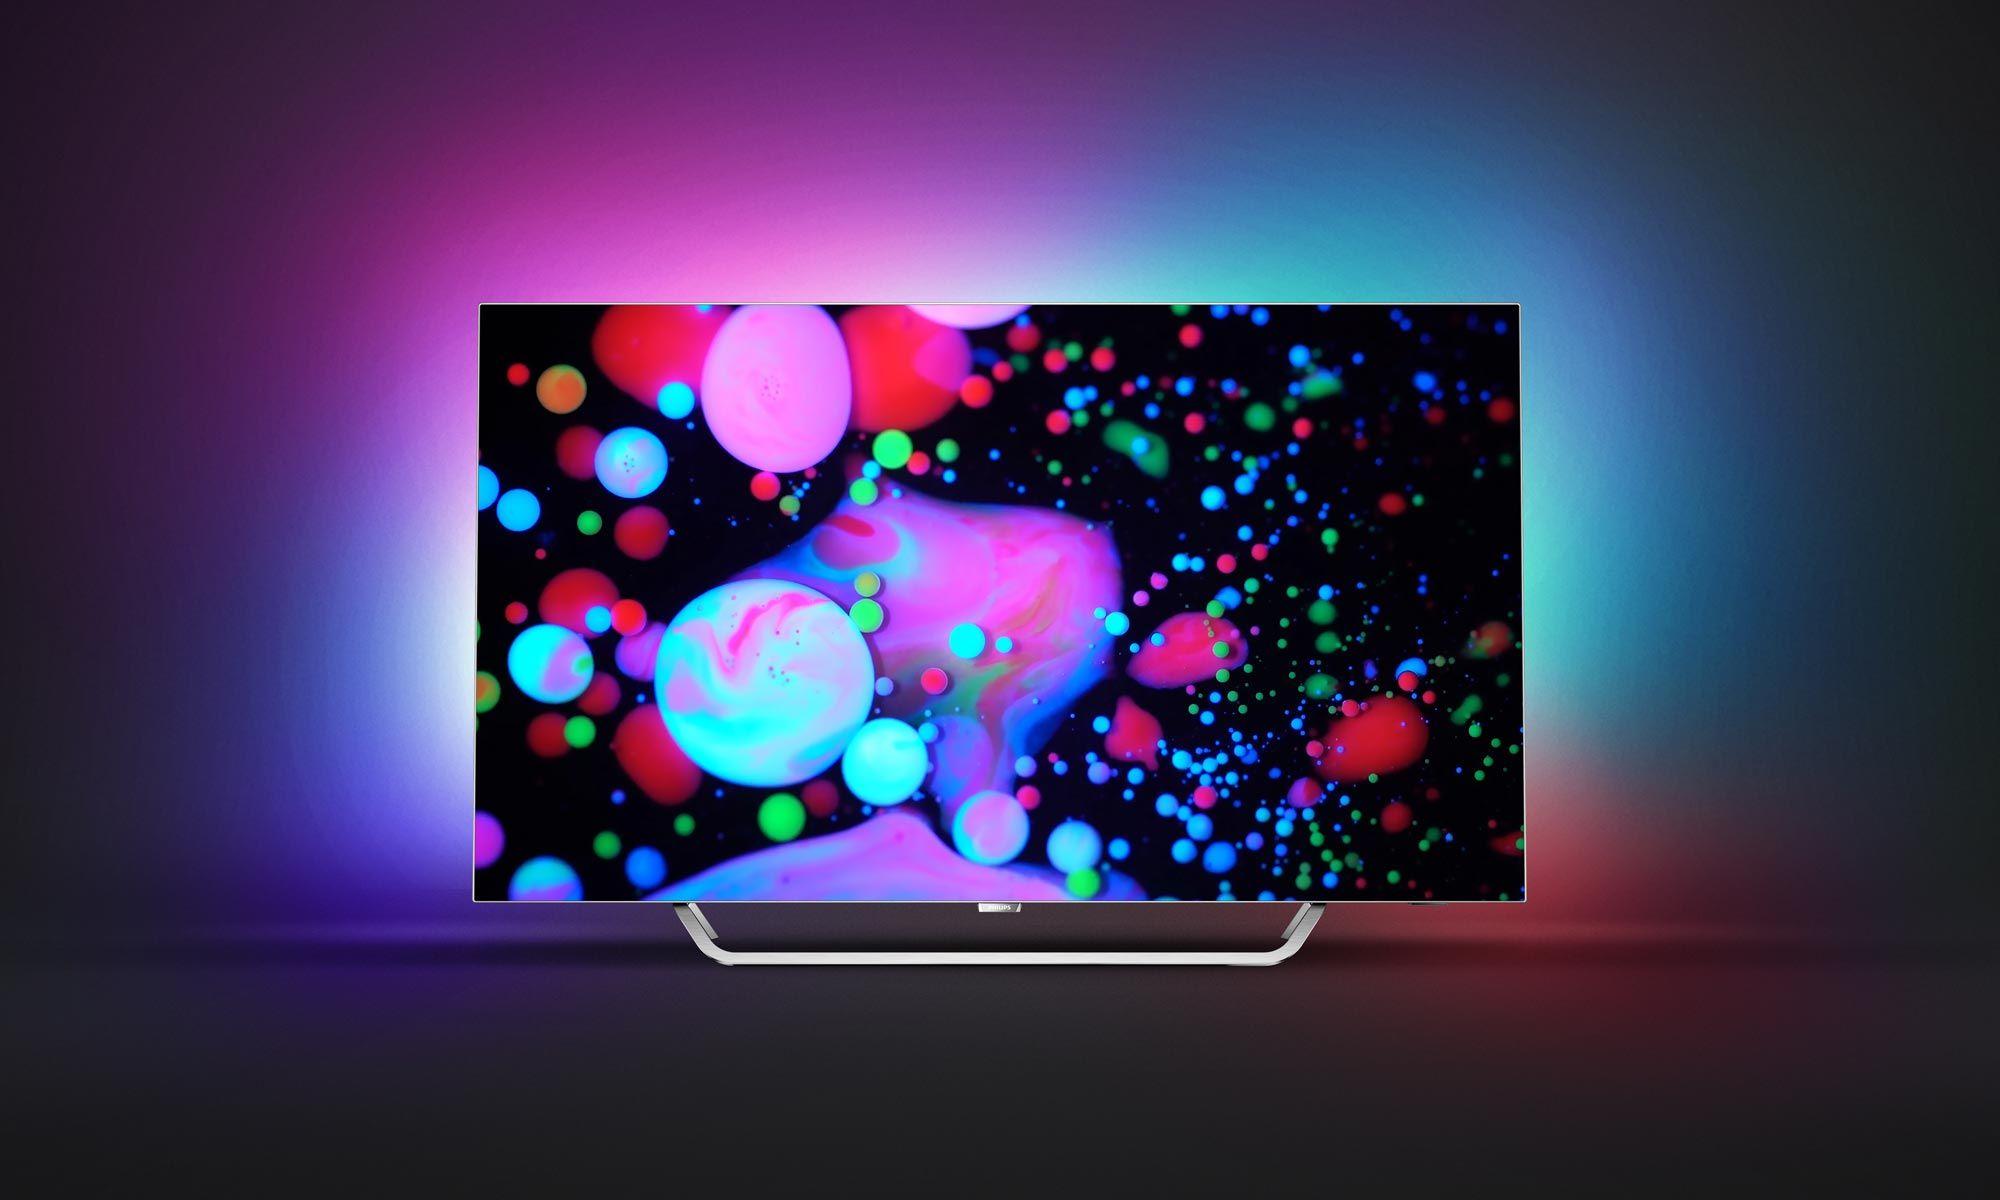 Telewizor PHILIPS OLED 55 POS9002 możliwe 3050zł lub mniej - prawdopodobnie ekspozycja